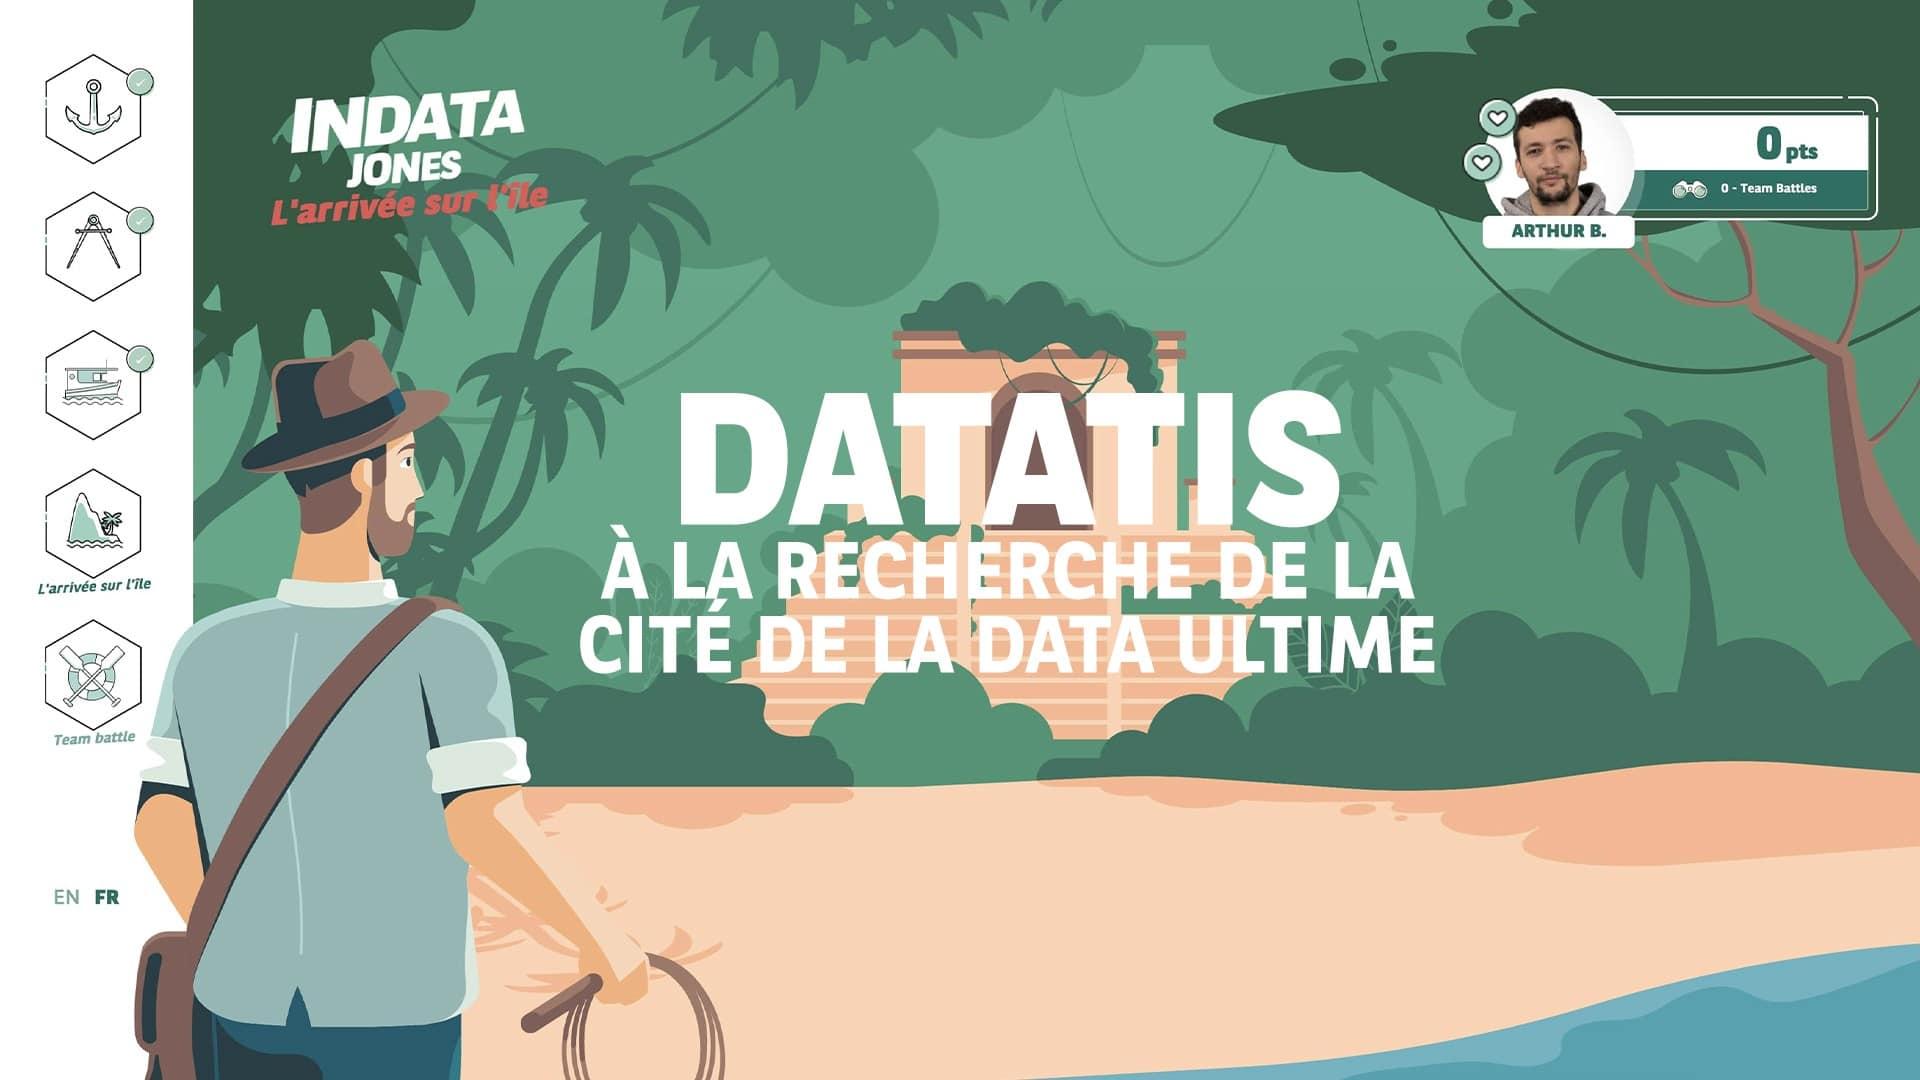 DATATIS